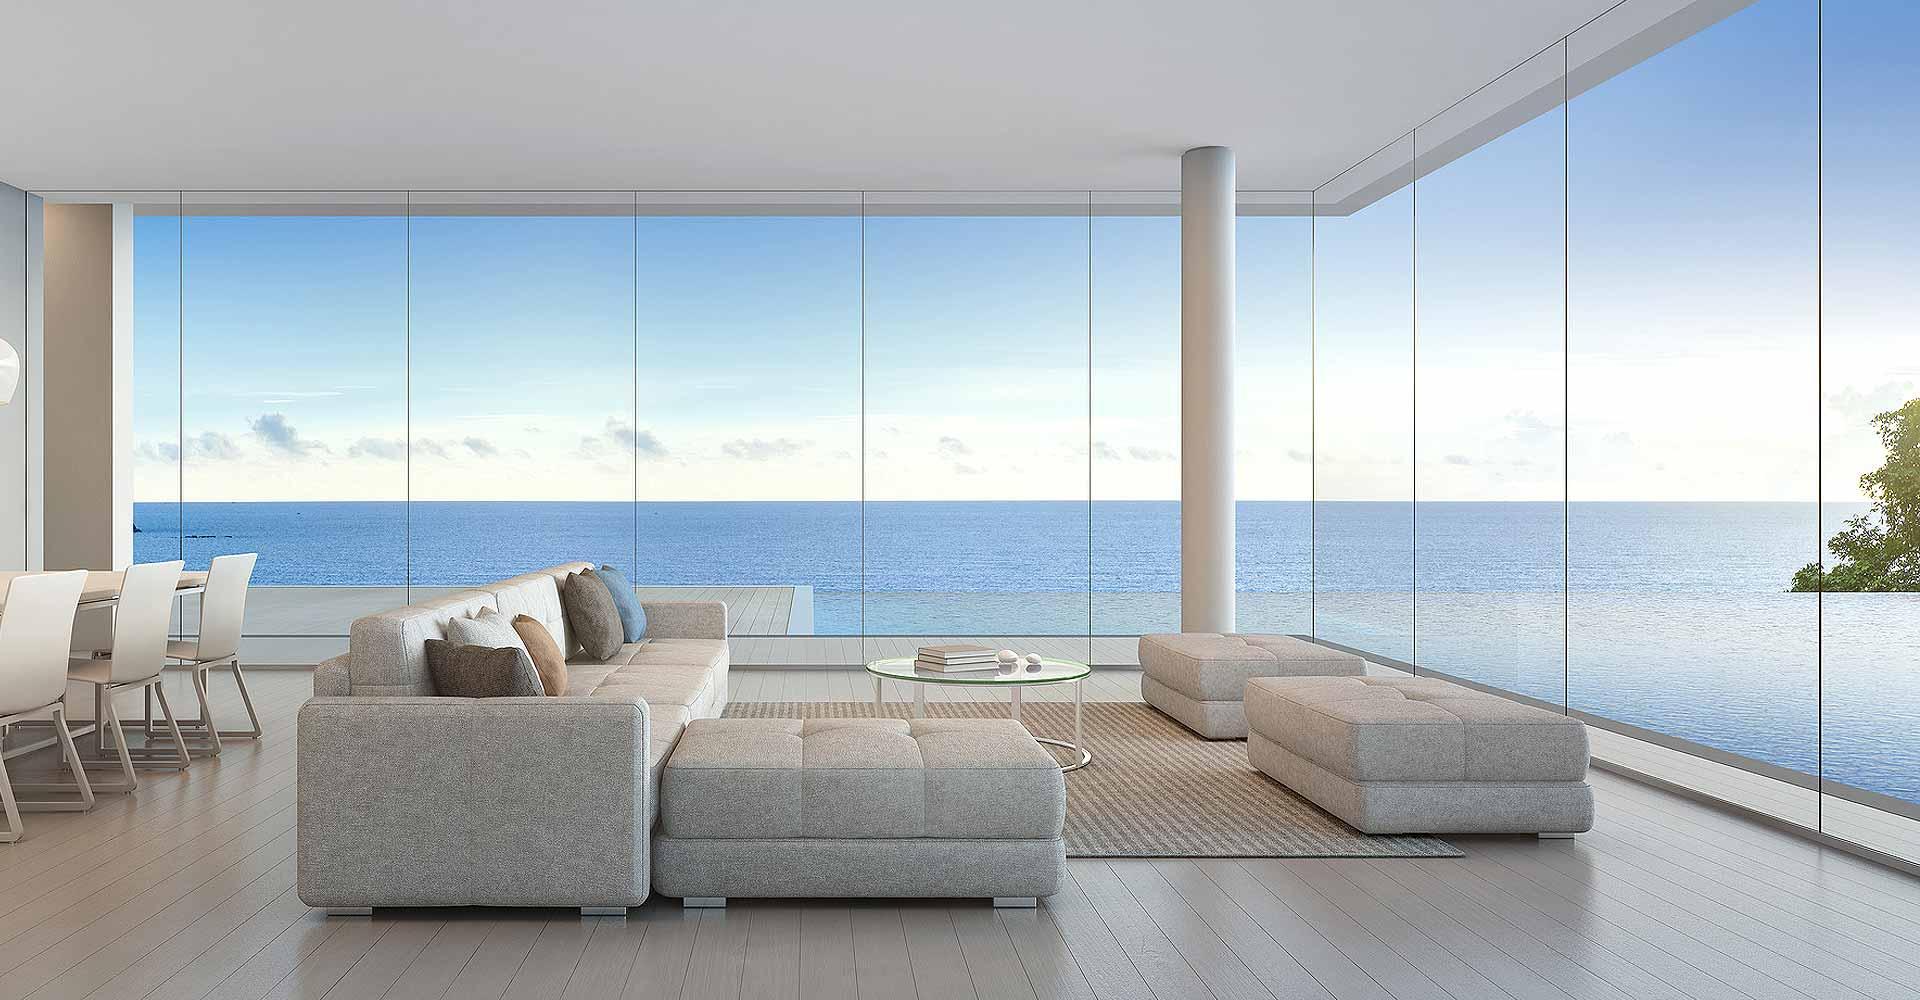 Ventajas tener cortinas cristal en verano